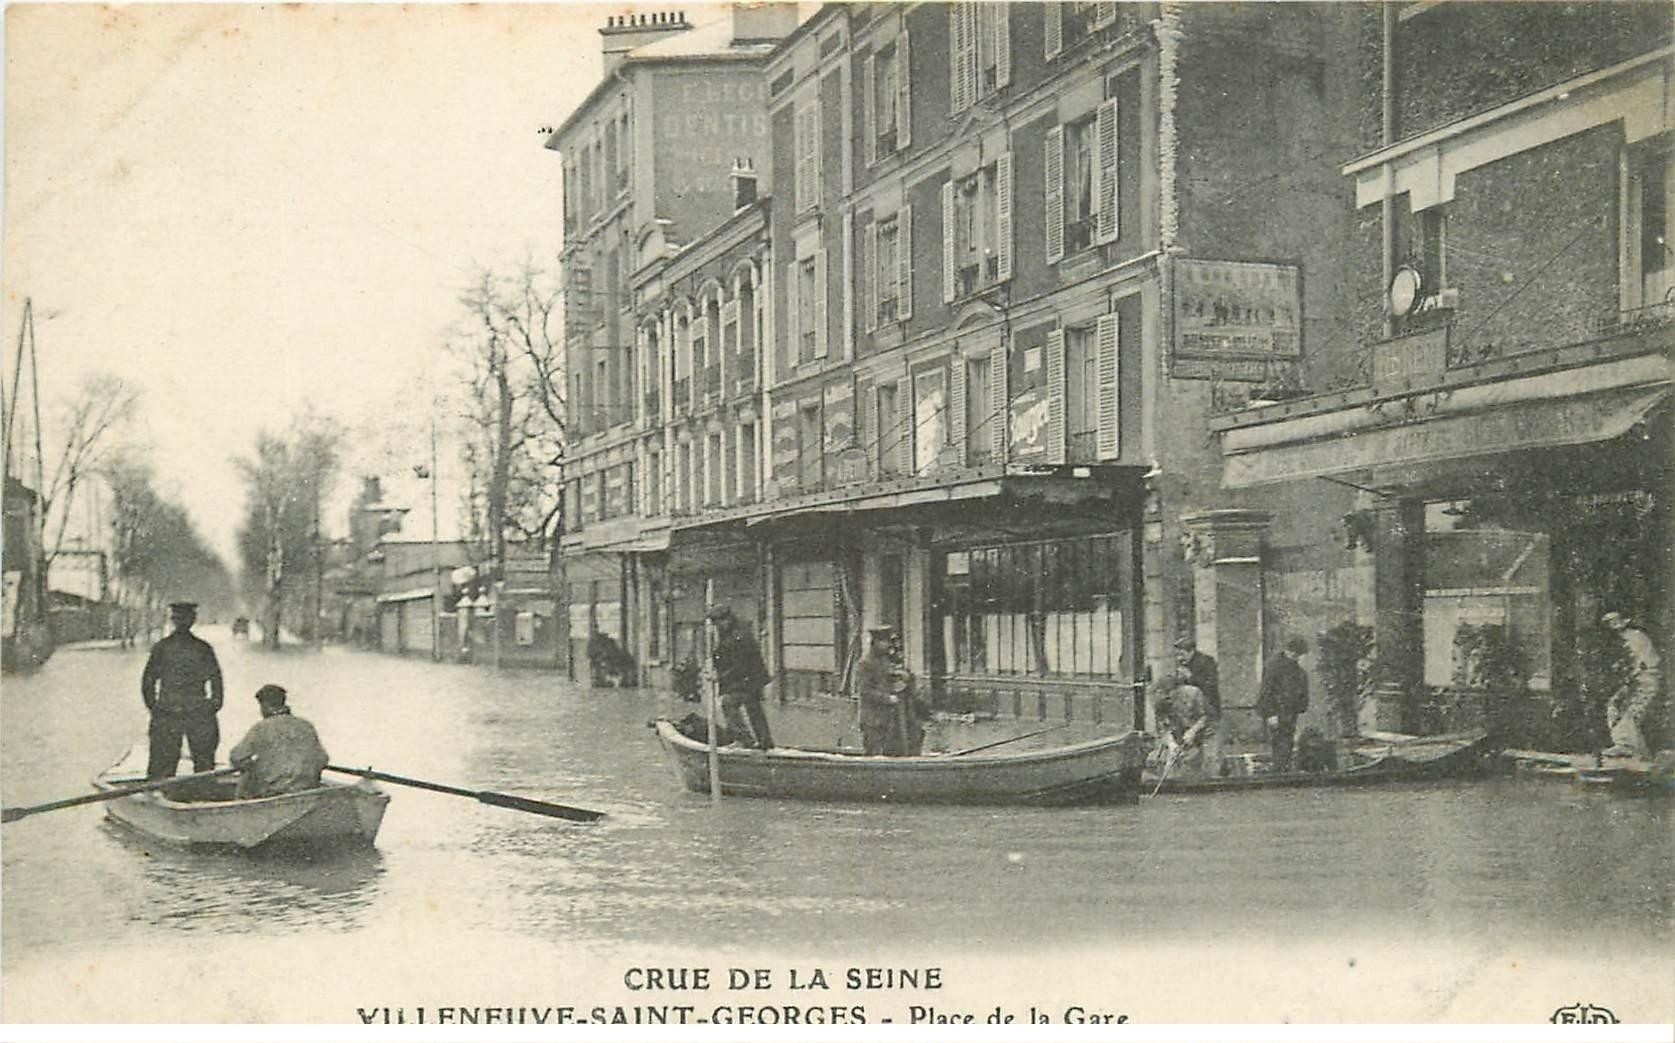 carte postale ancienne Inondation et Crue de 1910. VILLENEUVE-SAINT-GEORGES 94. Place de la Gare